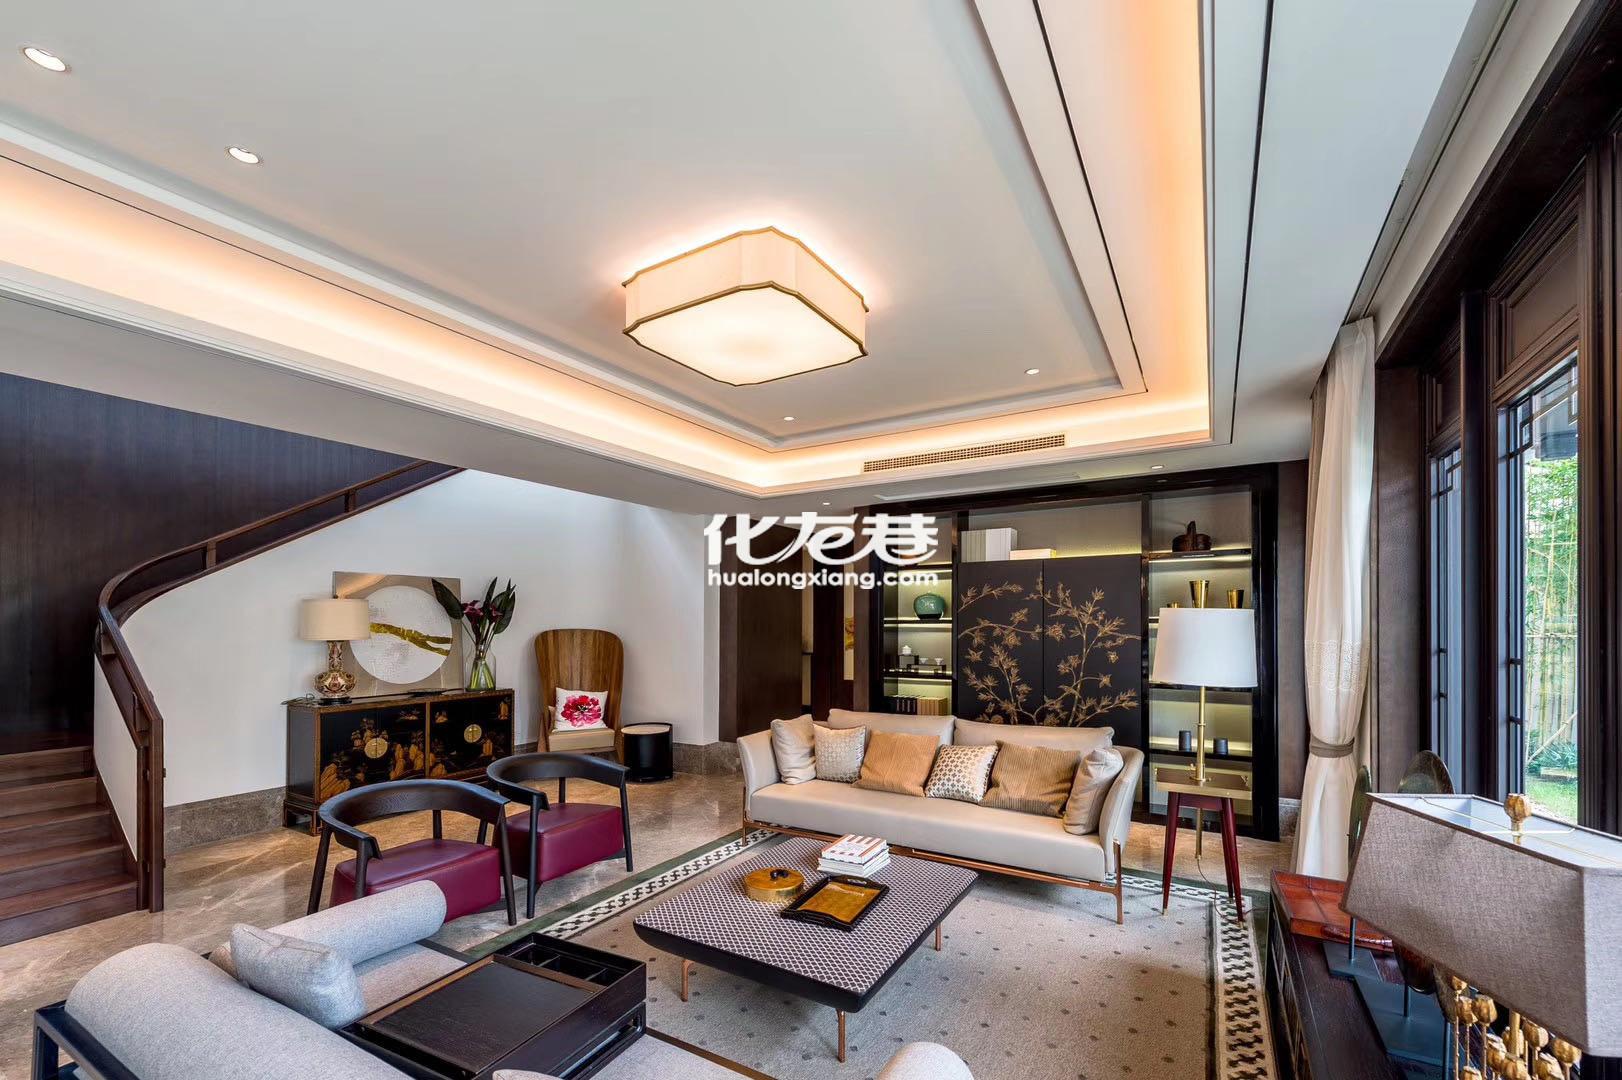 江南印象独栋合院 中式园林风格 单价2万 买多大送多大 直签